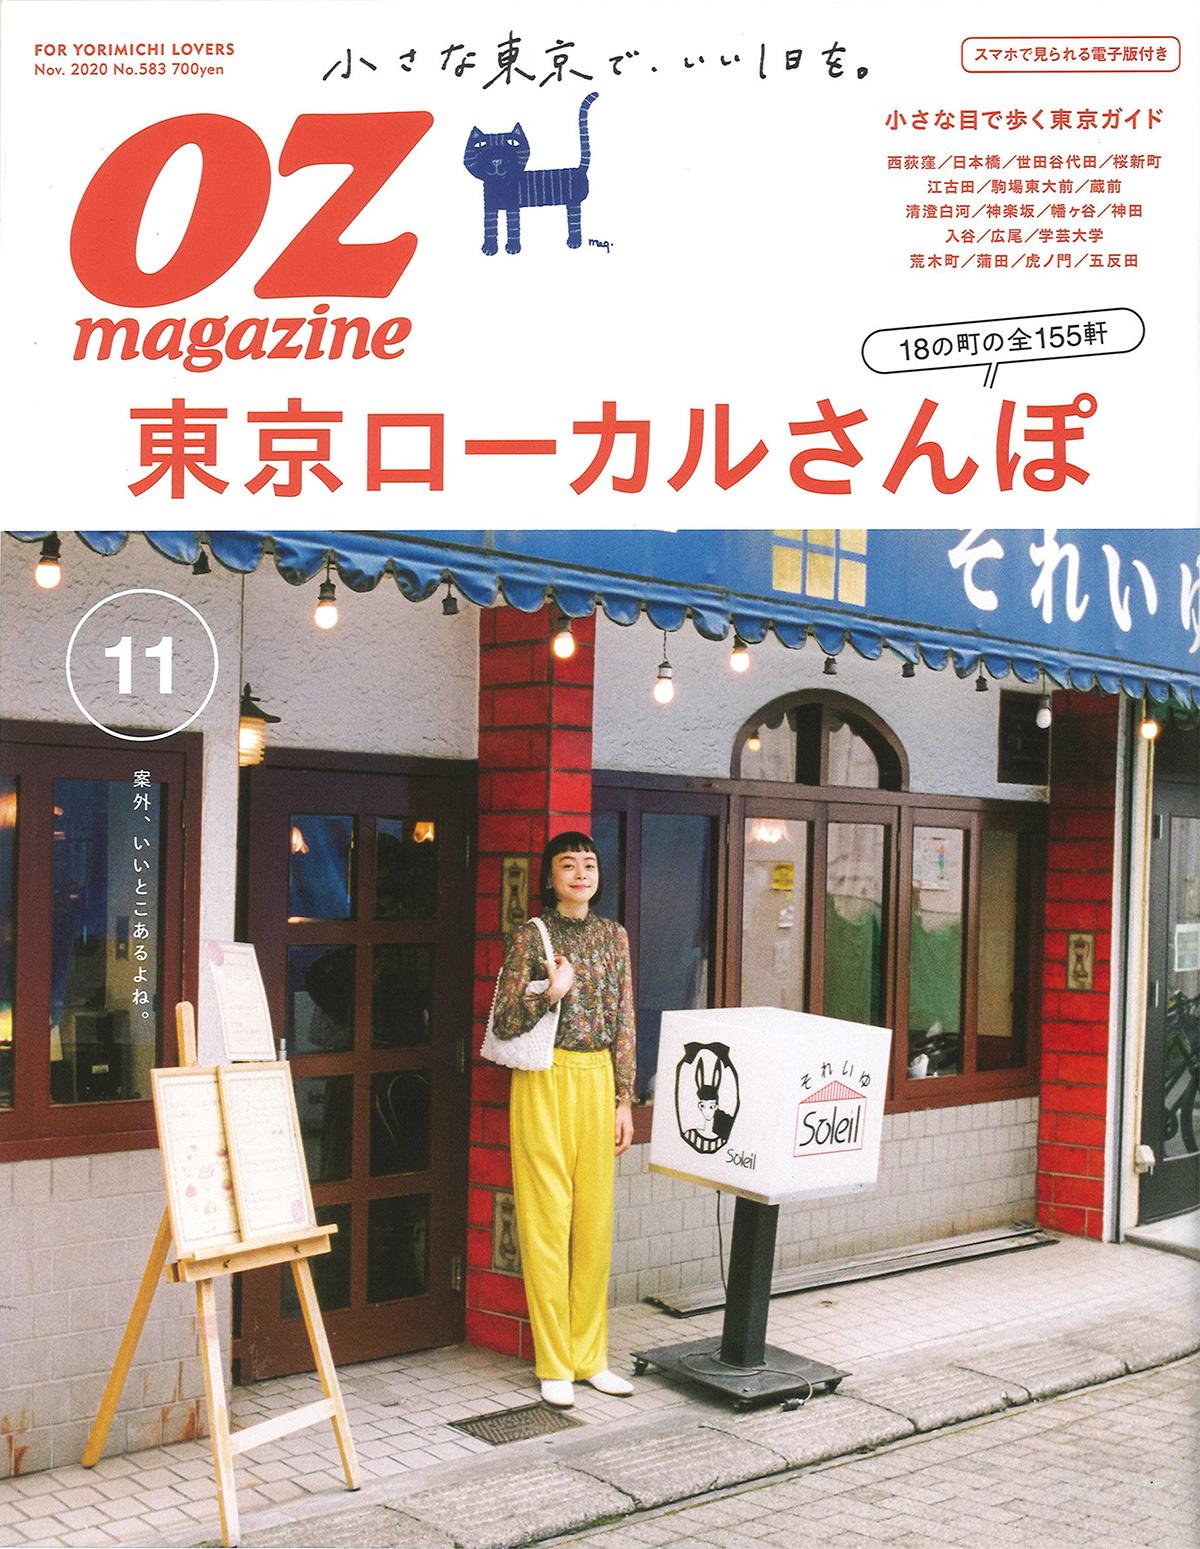 OZmagazine (オズマガジン) 11月号「東京ローカルさんぽ」掲載のお知らせ